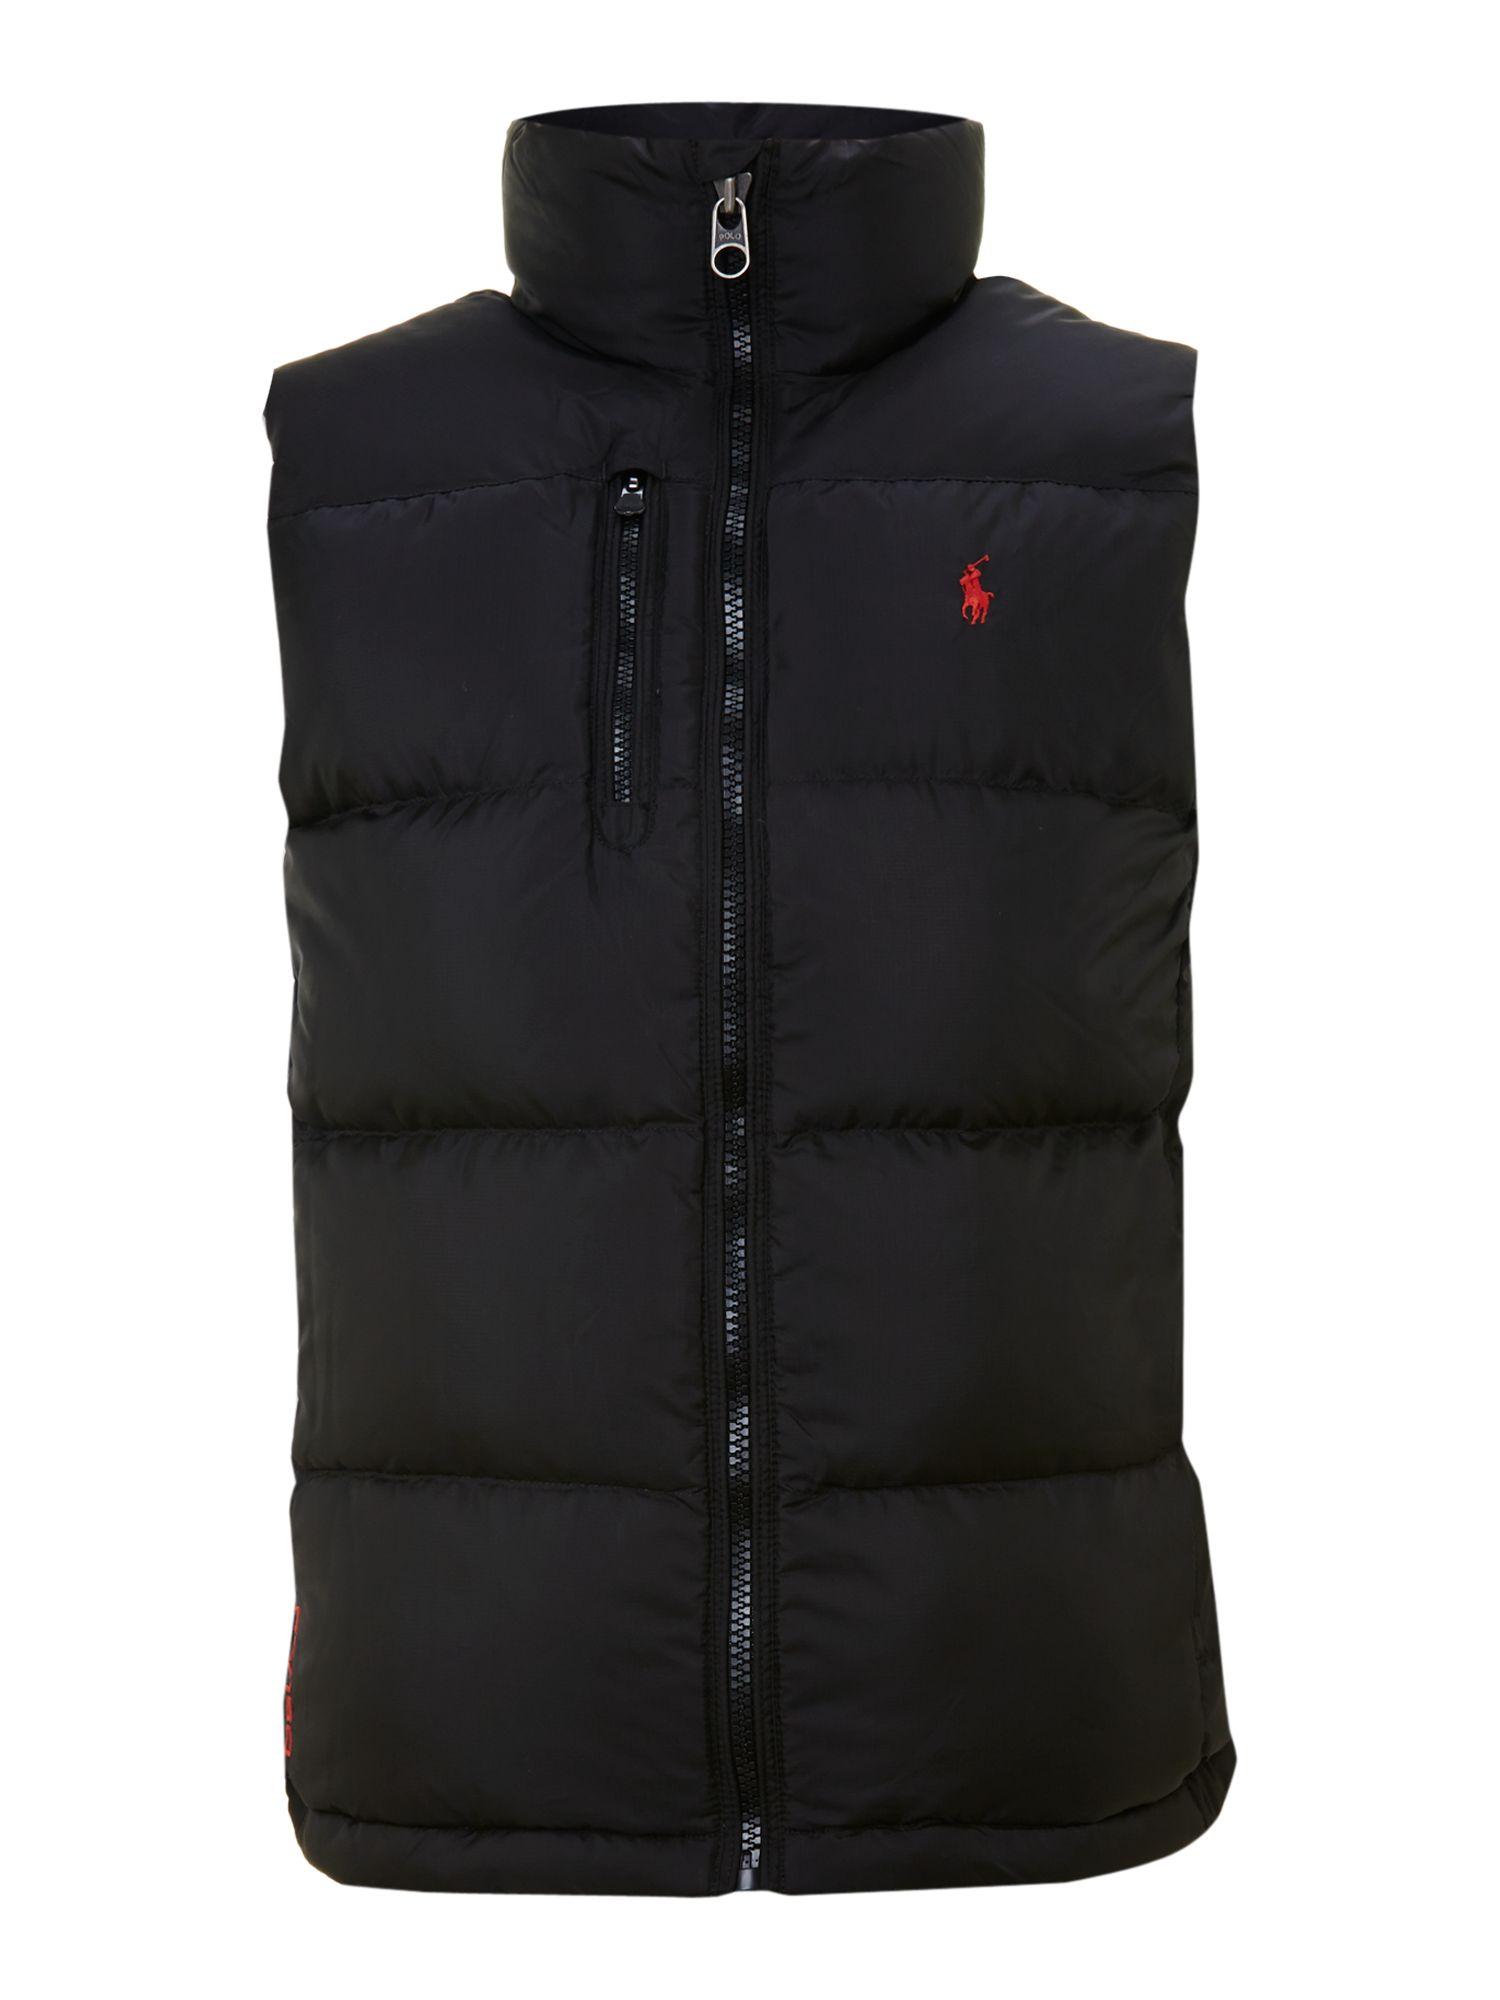 Polo Ralph Lauren Core Trek Padded Gilet In Black For Men